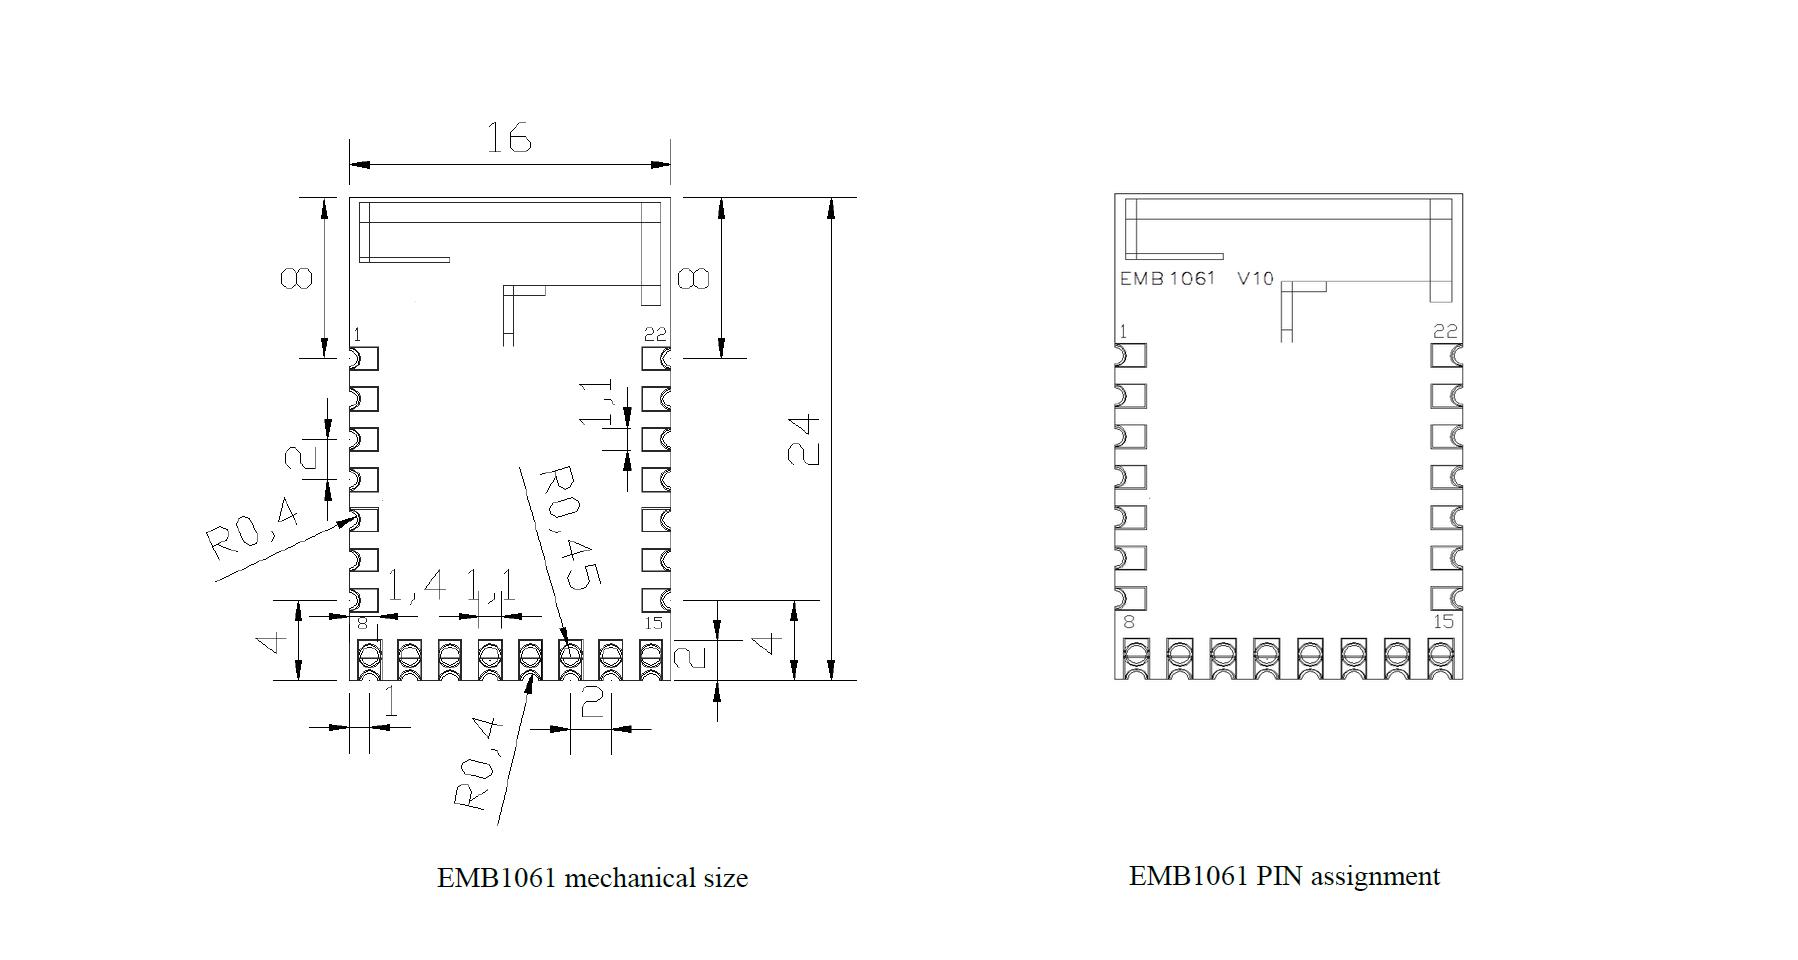 EMB1061 pin